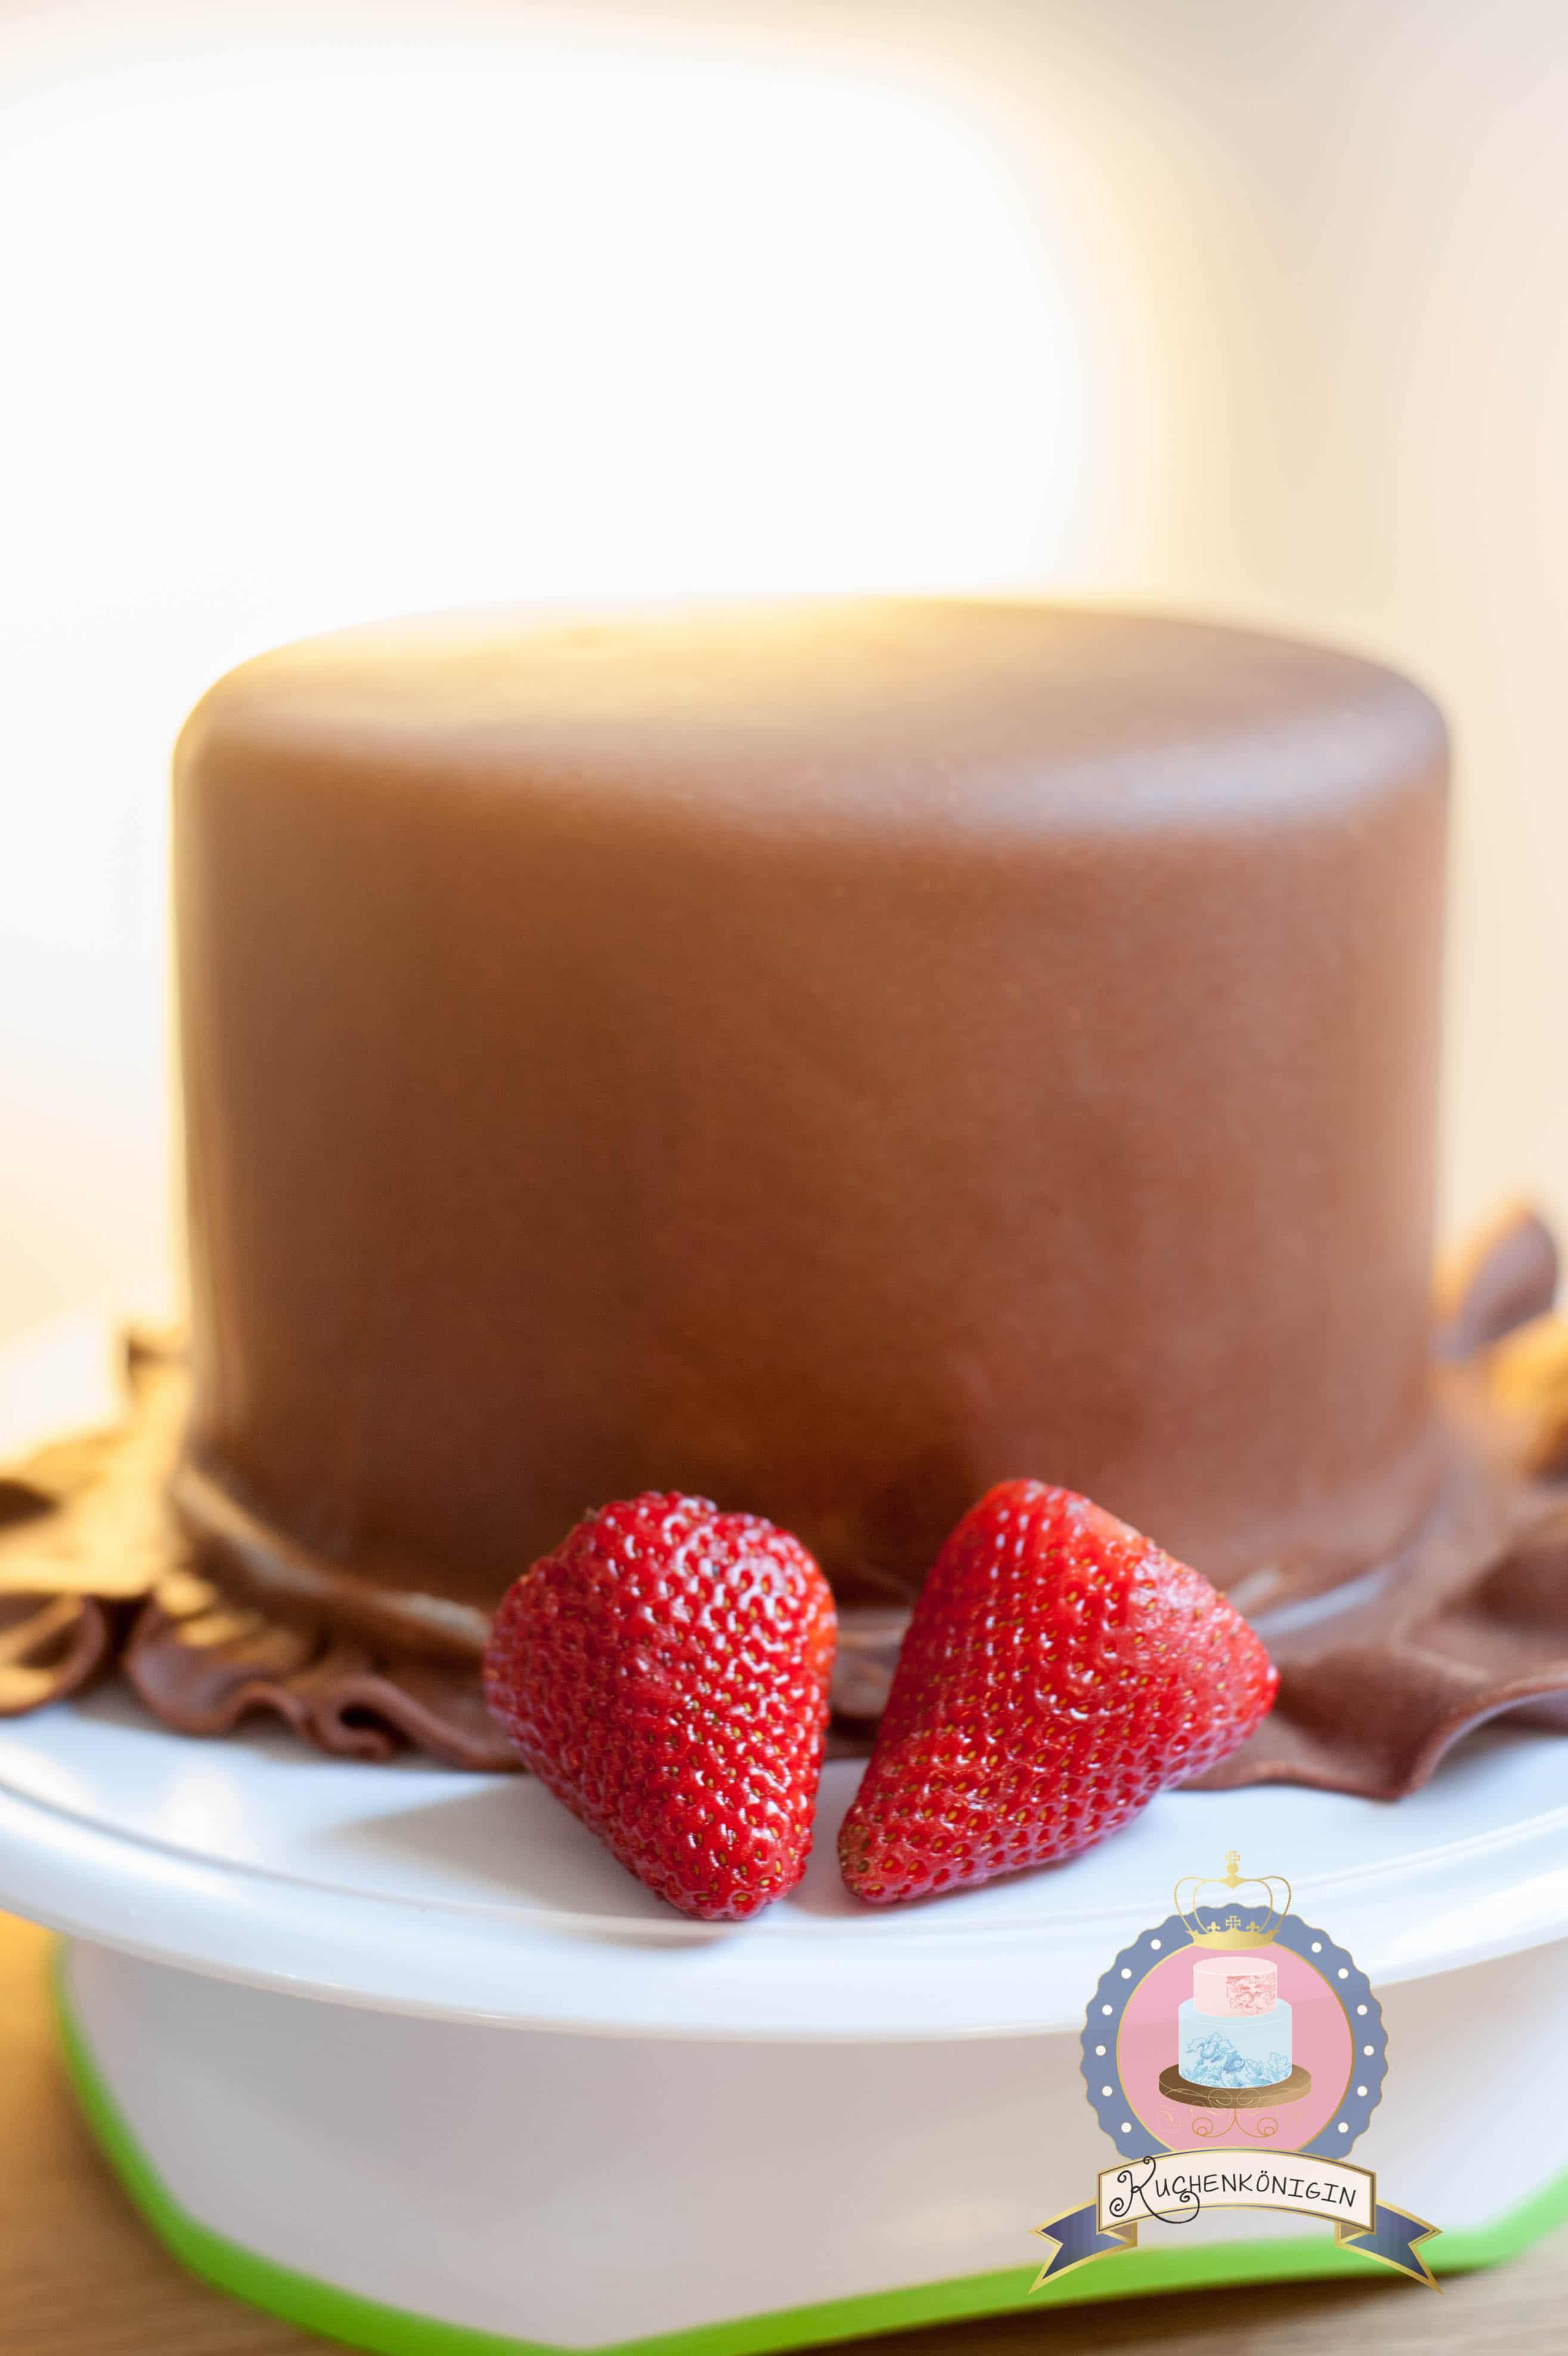 Kuchenkönigin Tutorial Cake Stencil Techniken Anleitung Tutorial Motivtorten Hochzeit Schokolade Erdbeer Schokoladenfondant Spitze Motivtorte